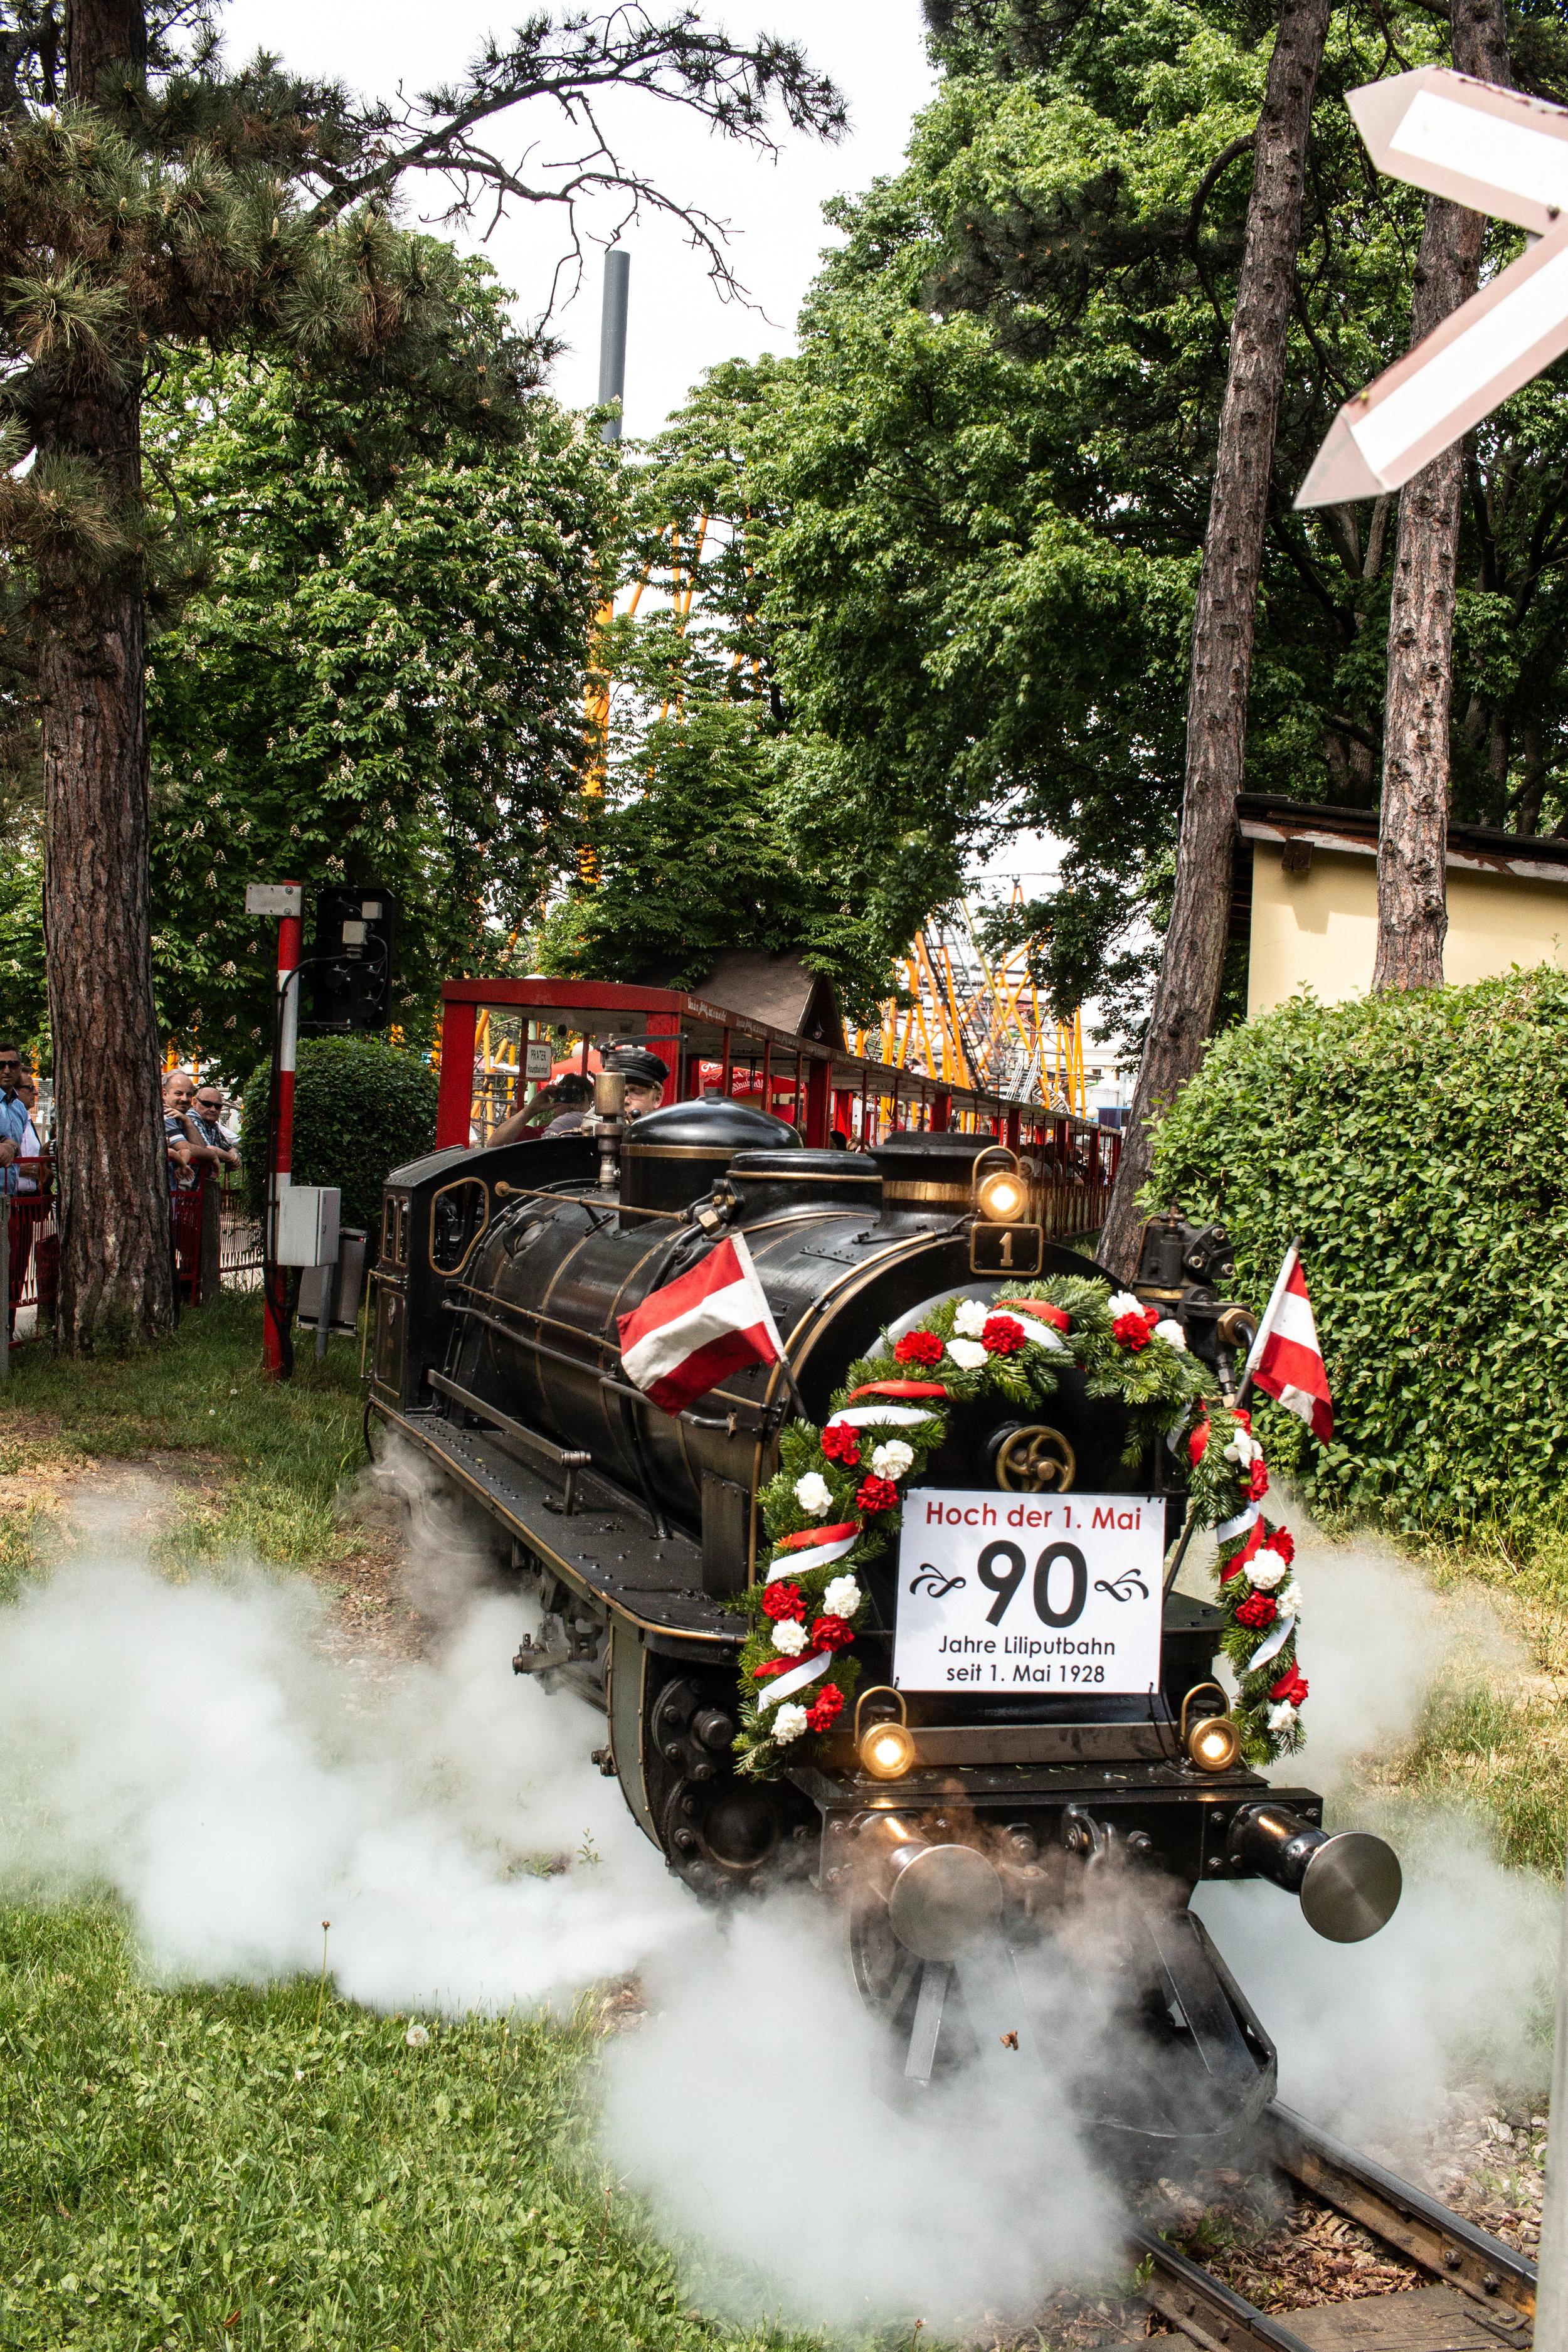 1020 Wien - Prater - Liliputbahn